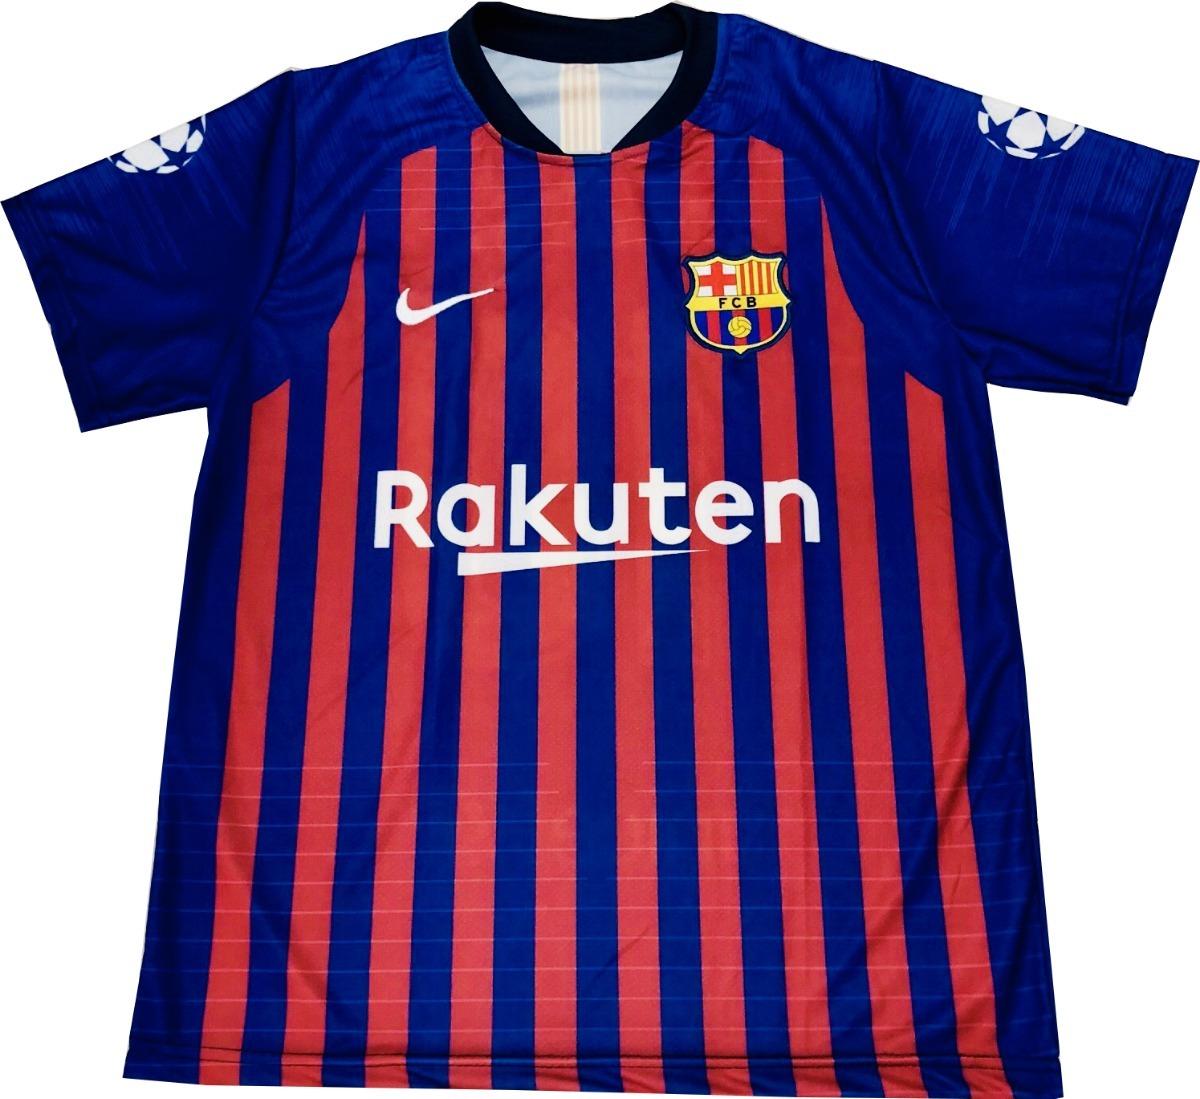 41dc9fd2a1 Camisas De Time - Camisas De Futebol Varejo - R$ 30,00 em Mercado Livre